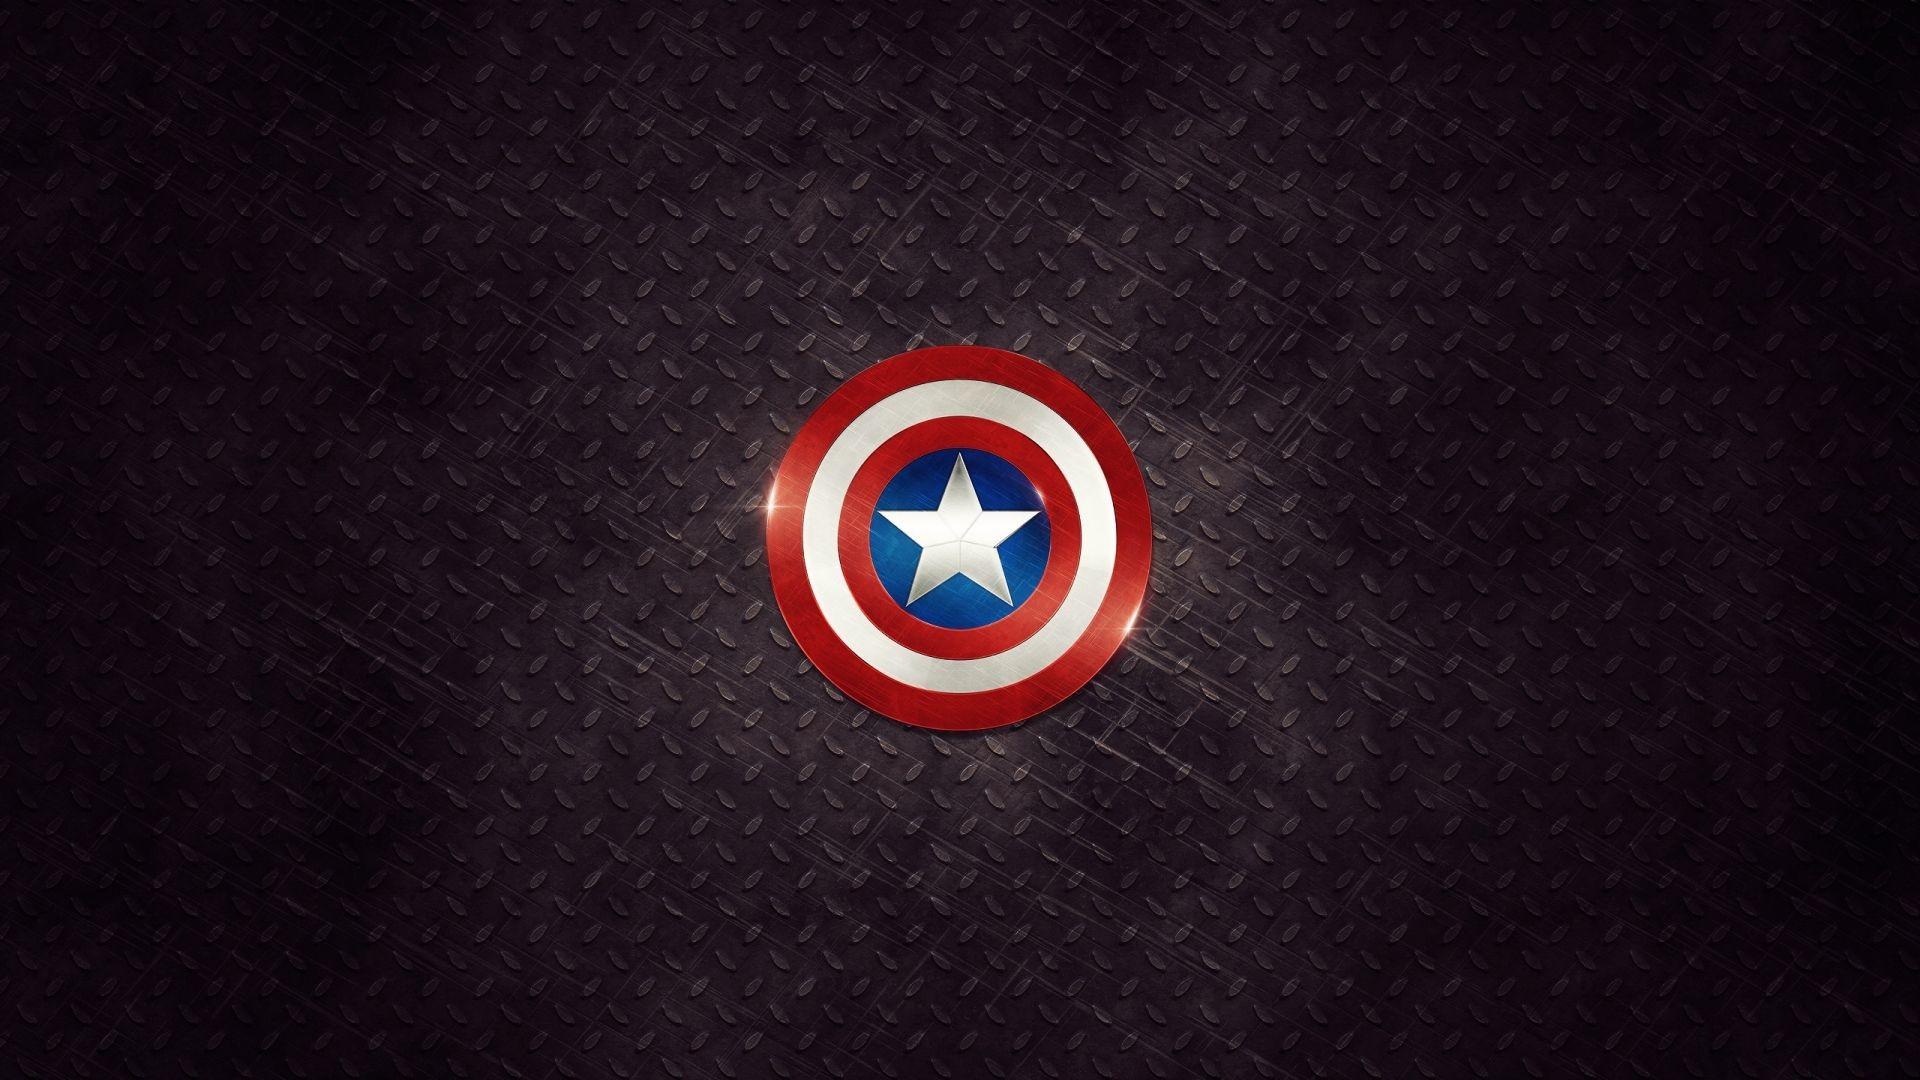 Wallpaper Iron Man Logo